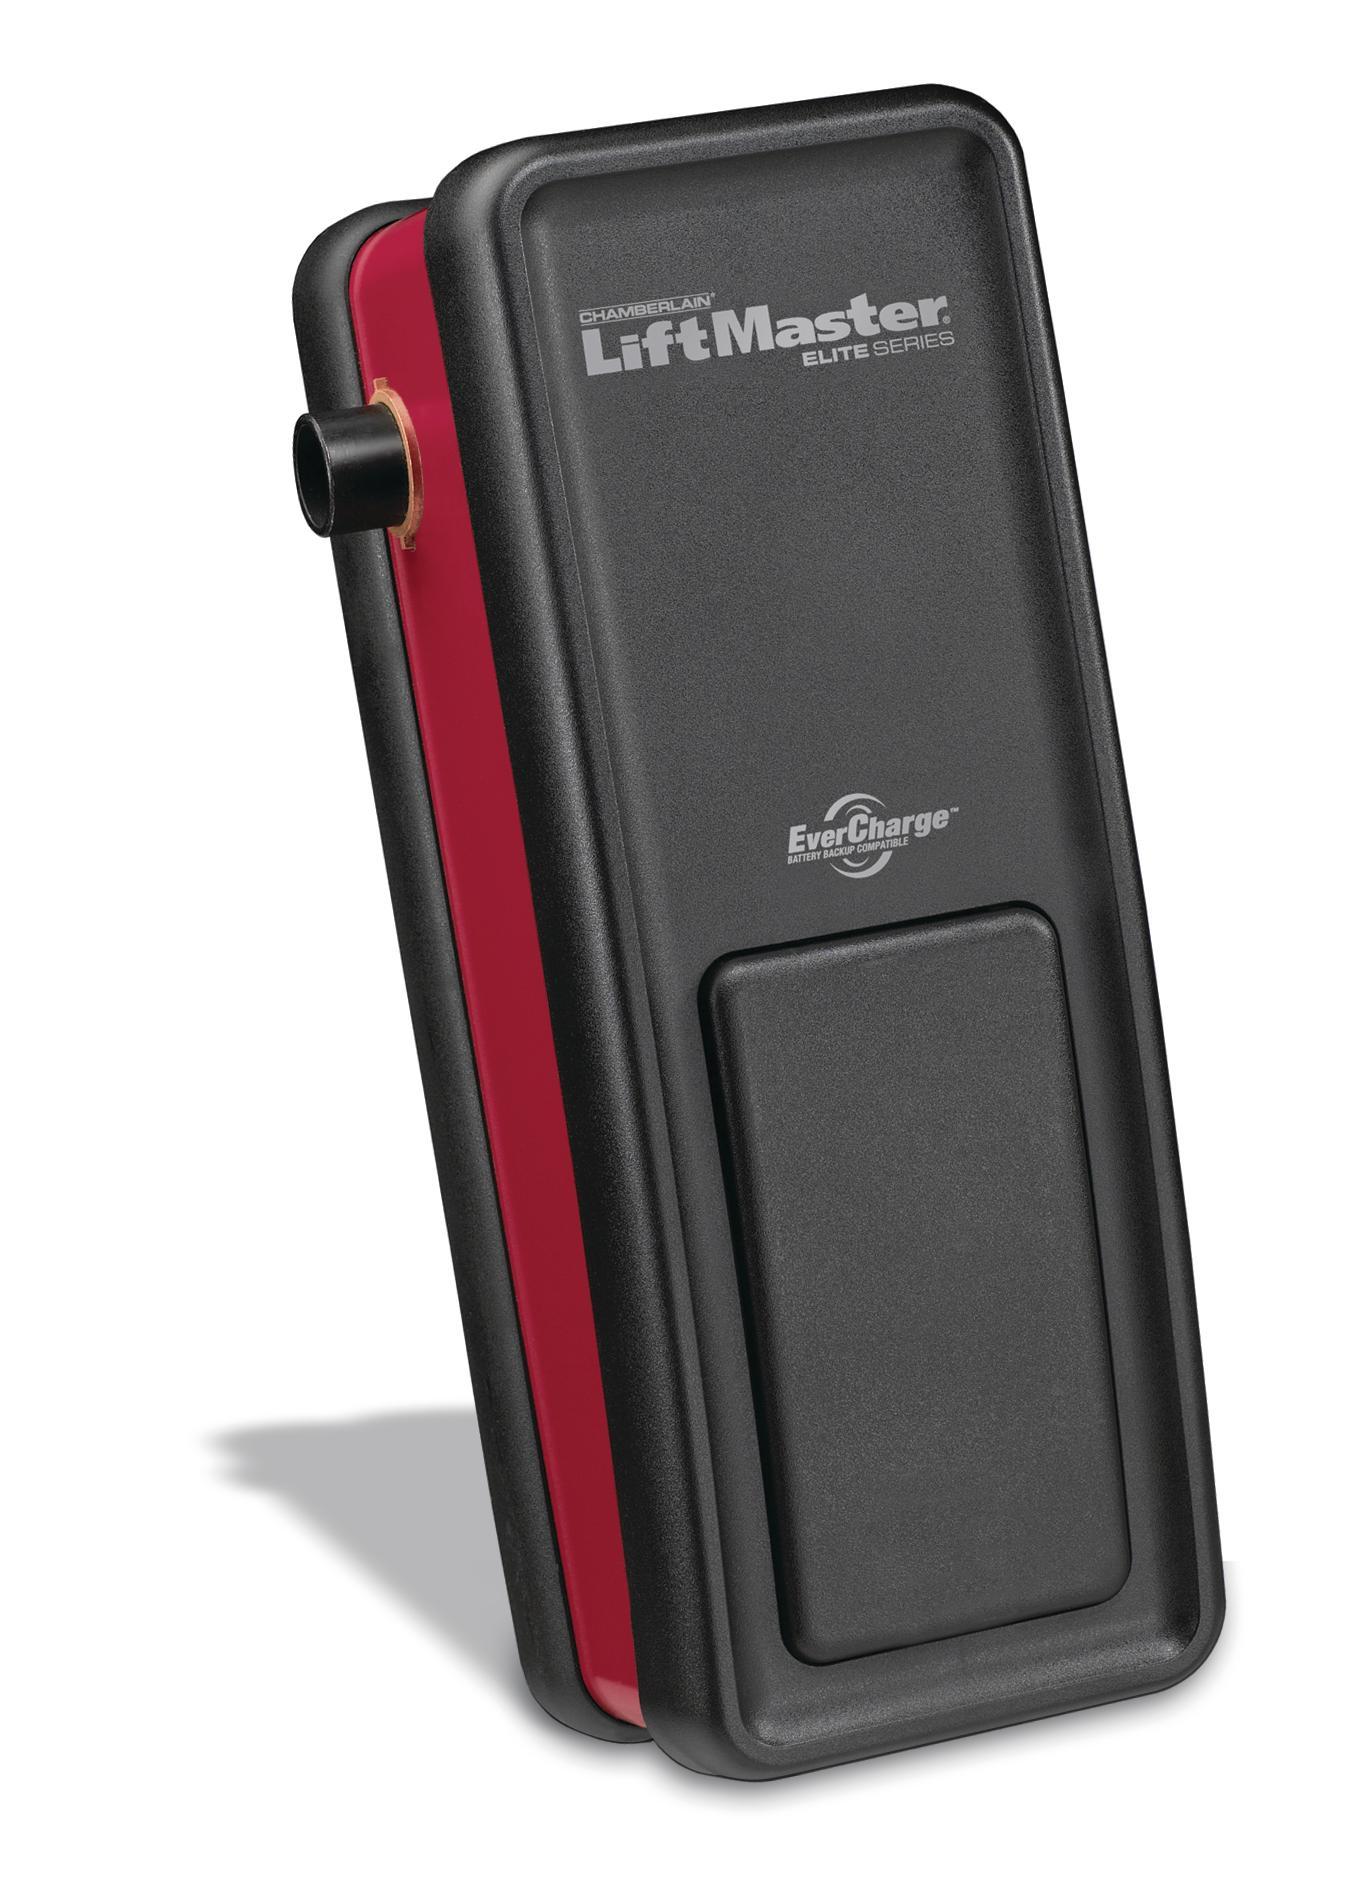 Chamberlain LiftMaster Residential Jackshaft Opener RJO